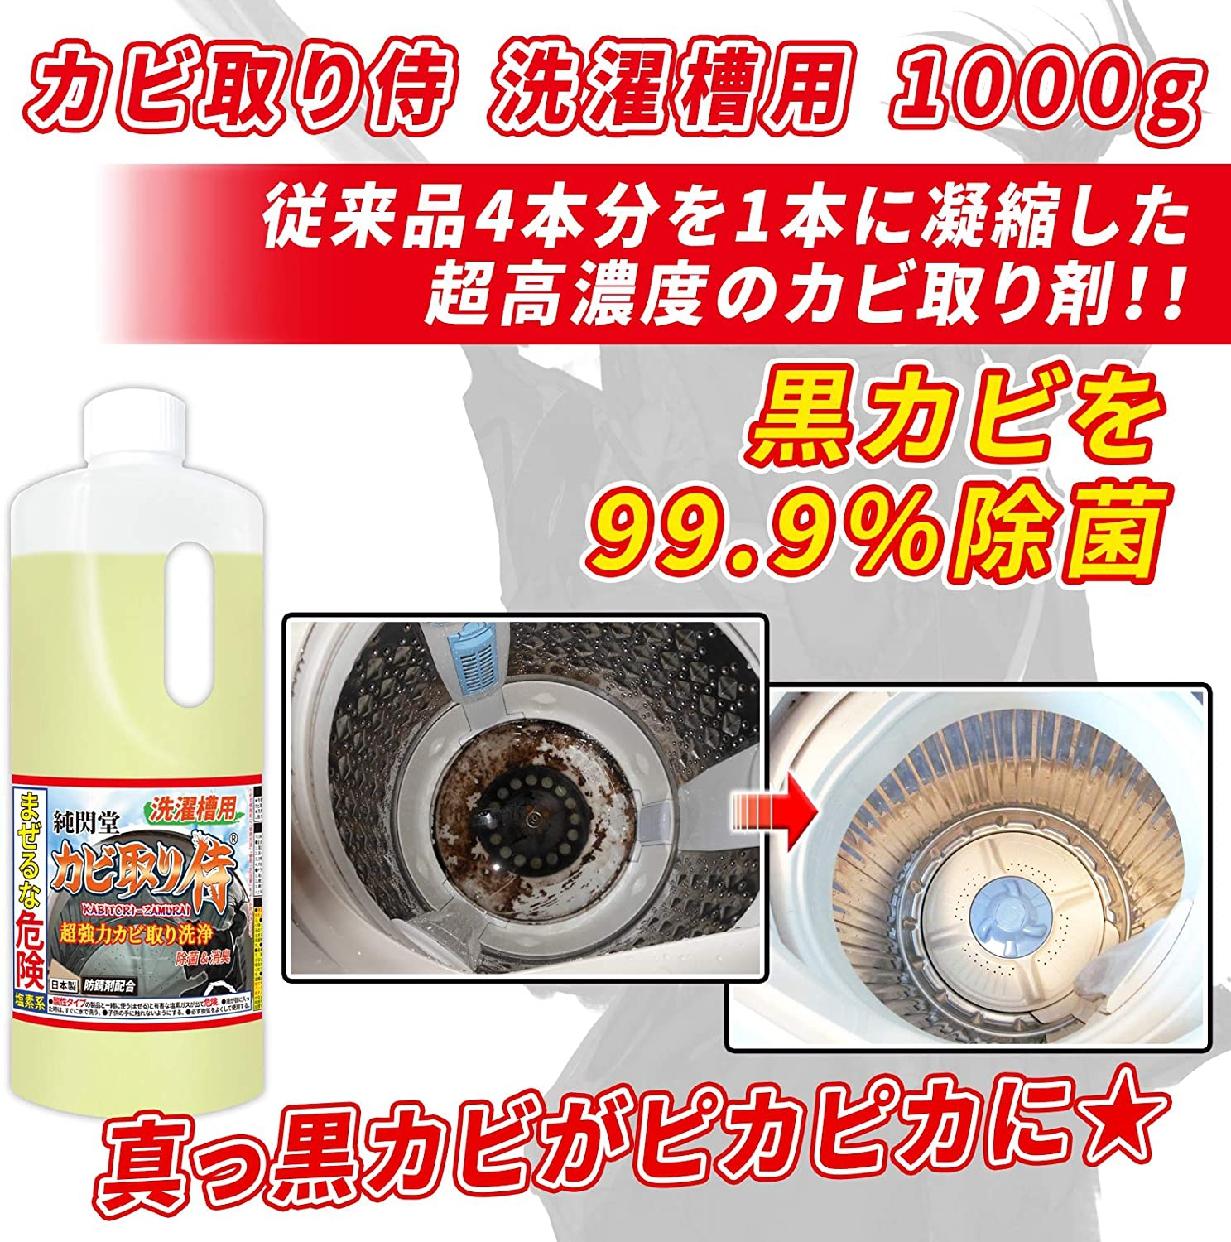 純閃堂(JUNSEIDO) カビ取り侍 洗濯槽用の商品画像2